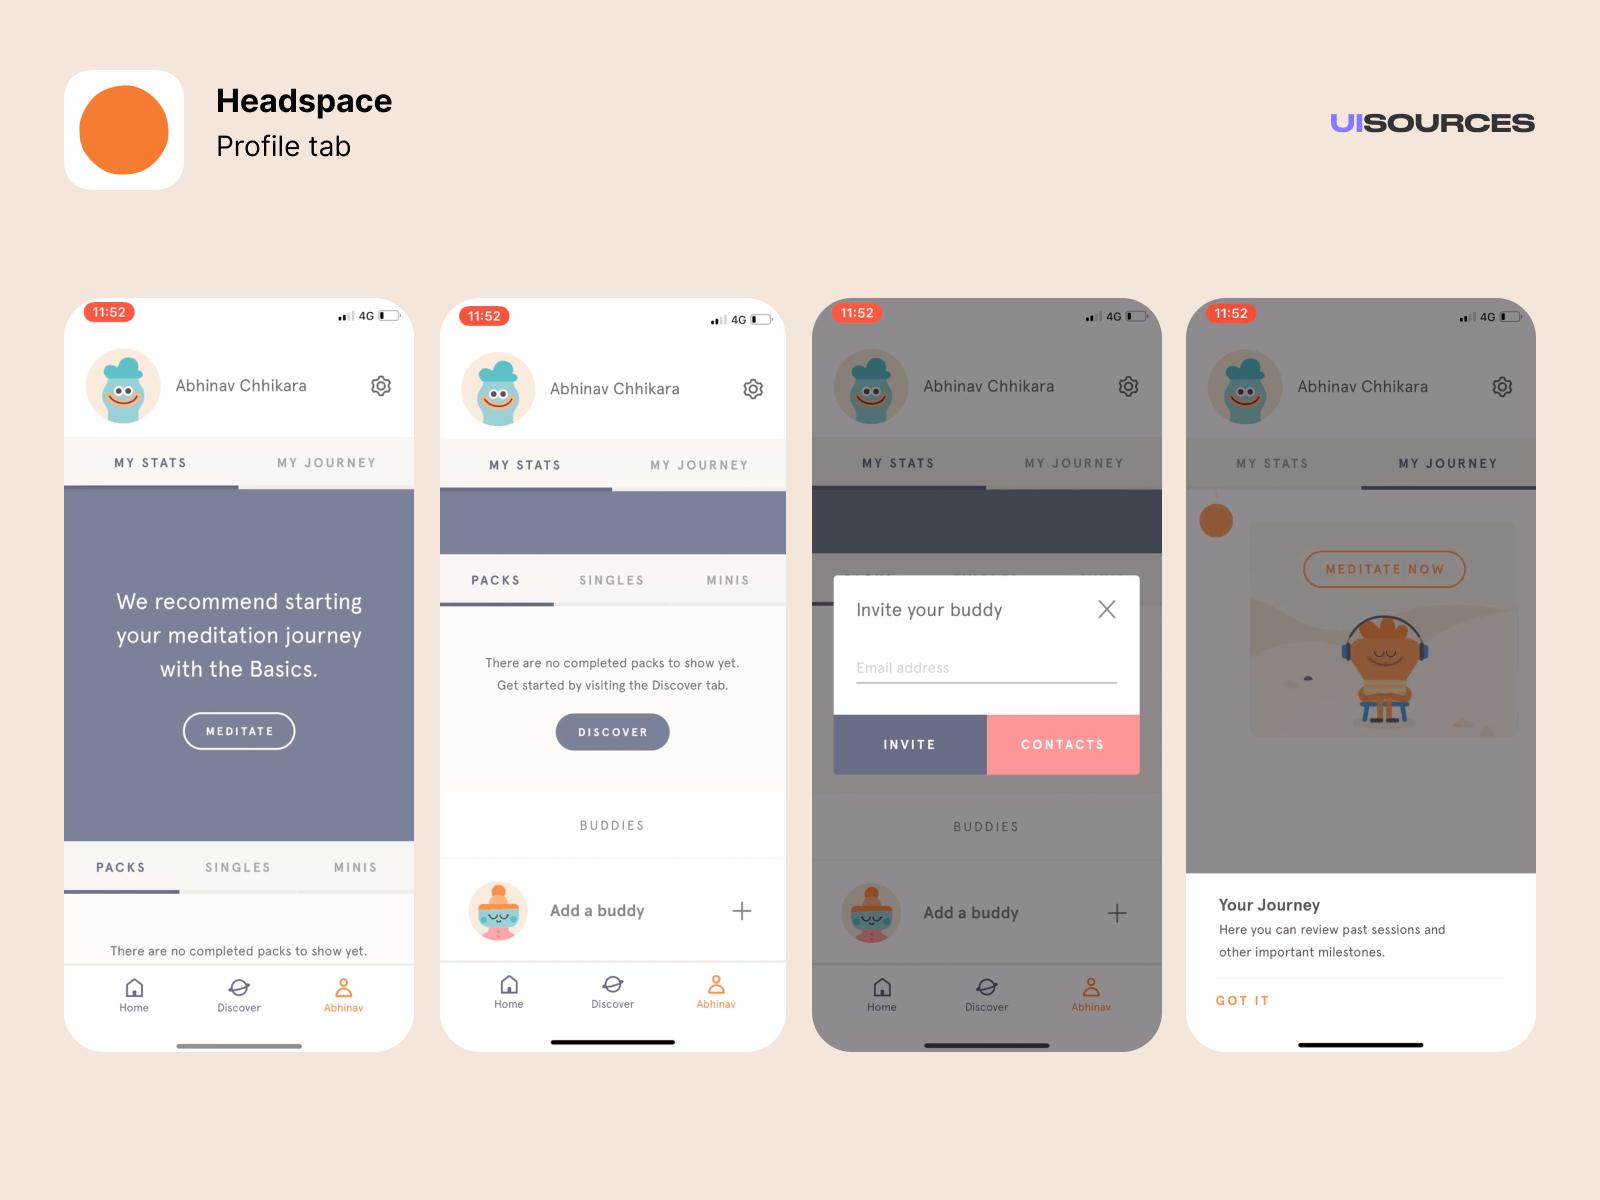 Profile tab